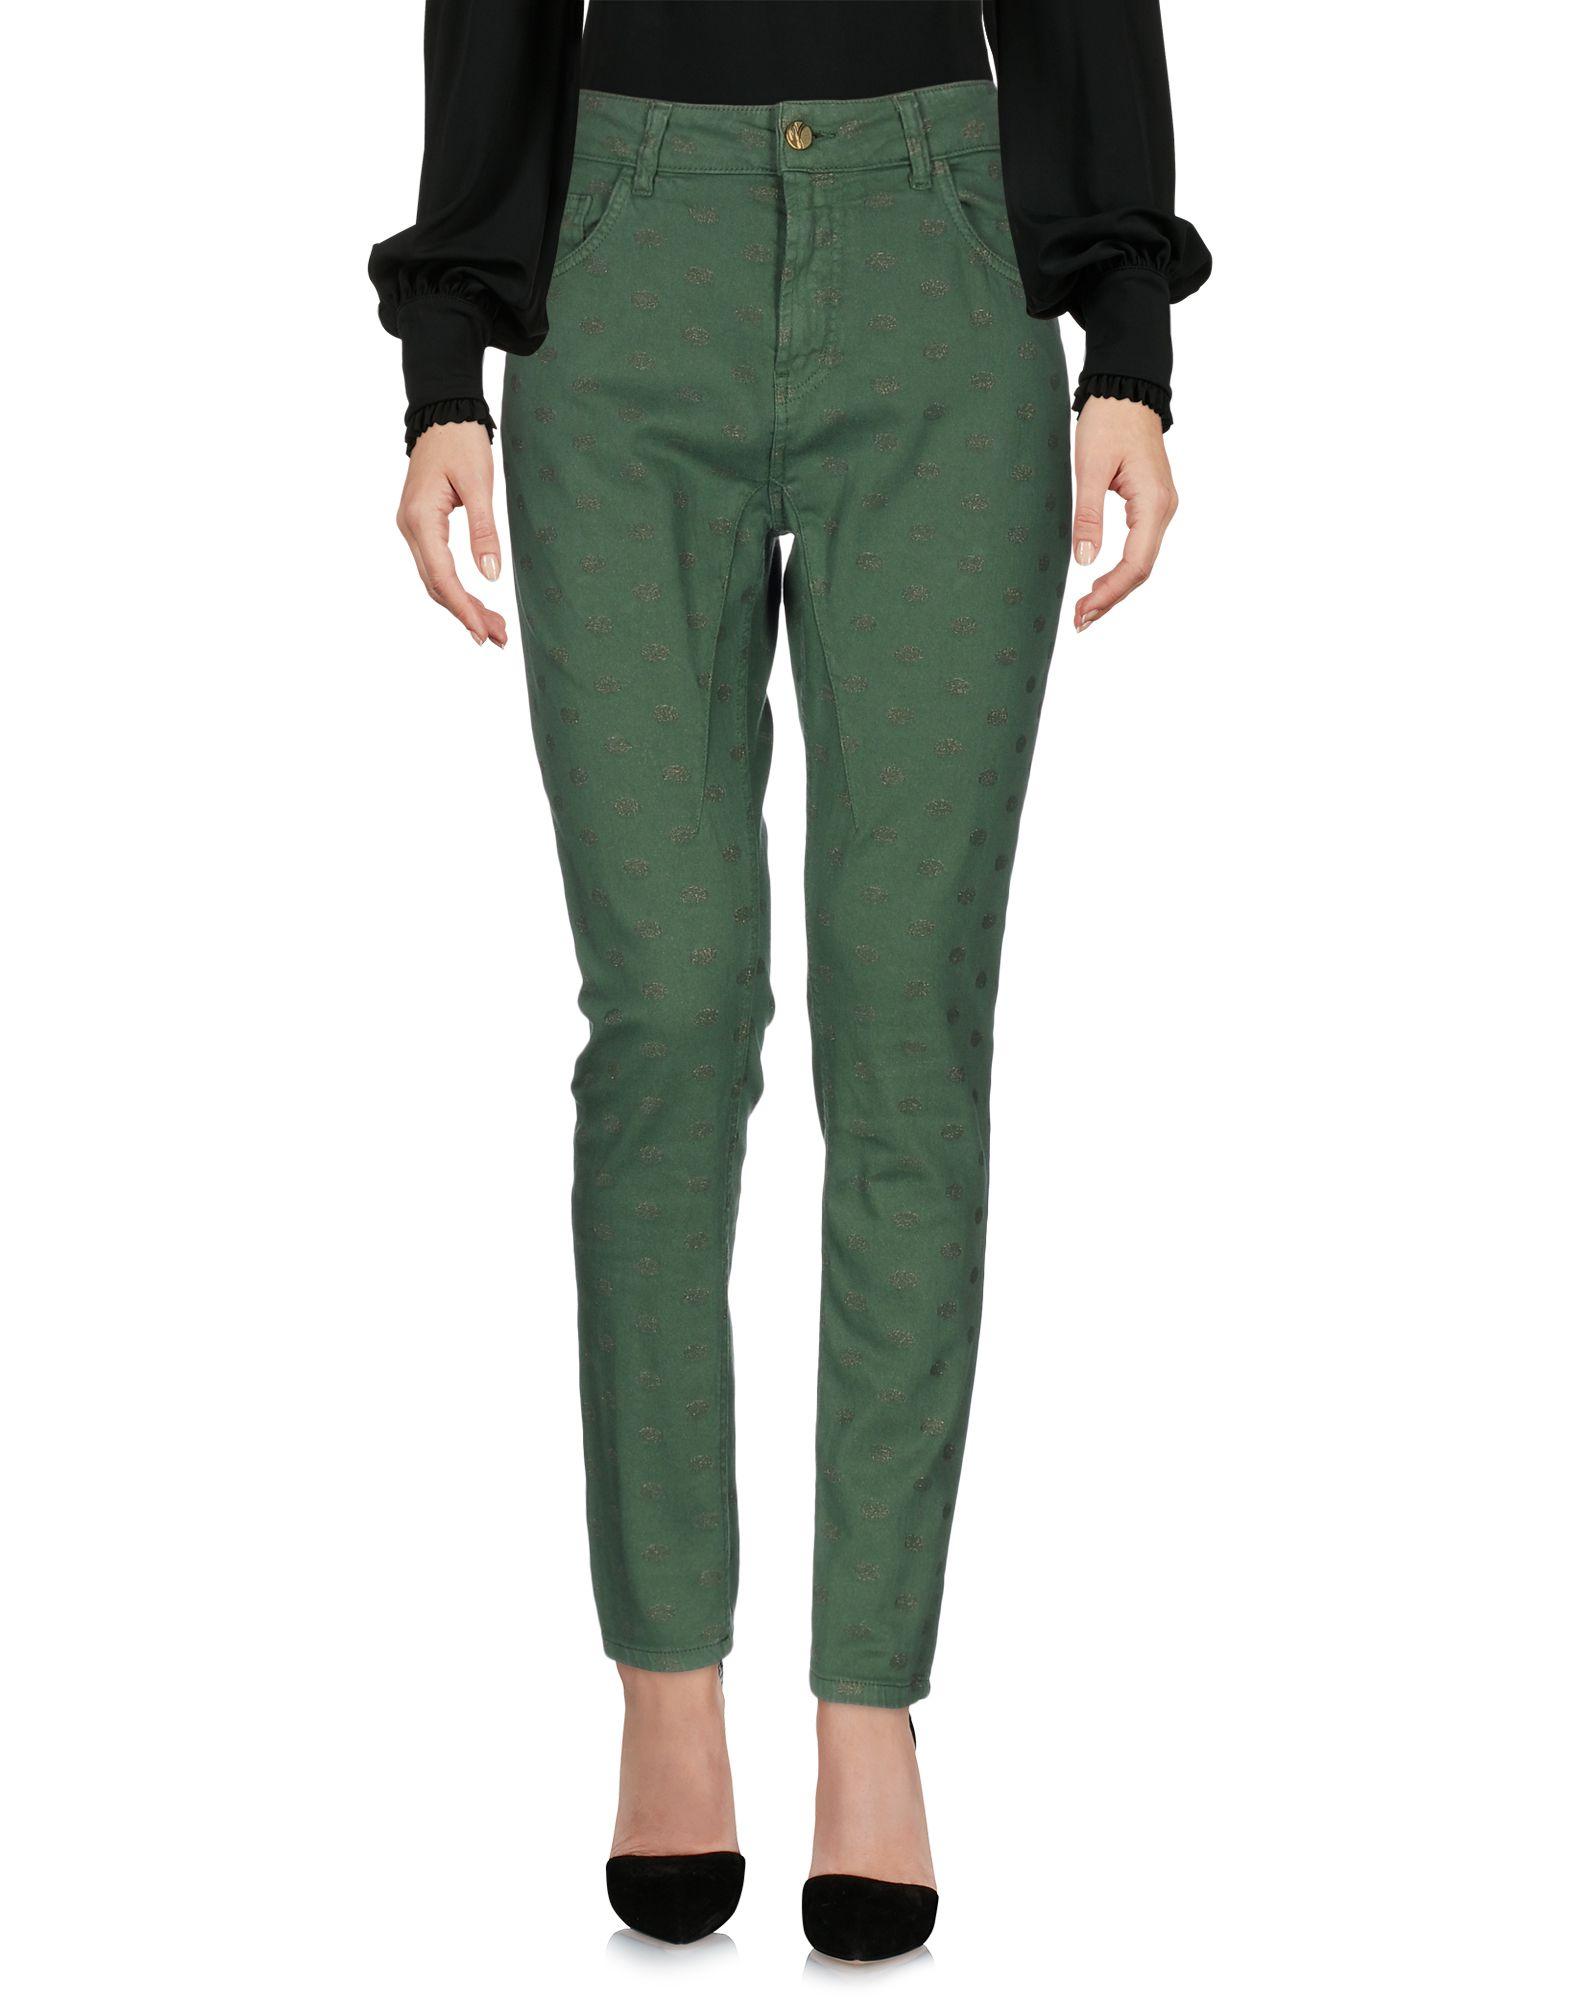 Pantalone Pantalone Pantalone Manila Grace Denim donna - 13006833TU 03a